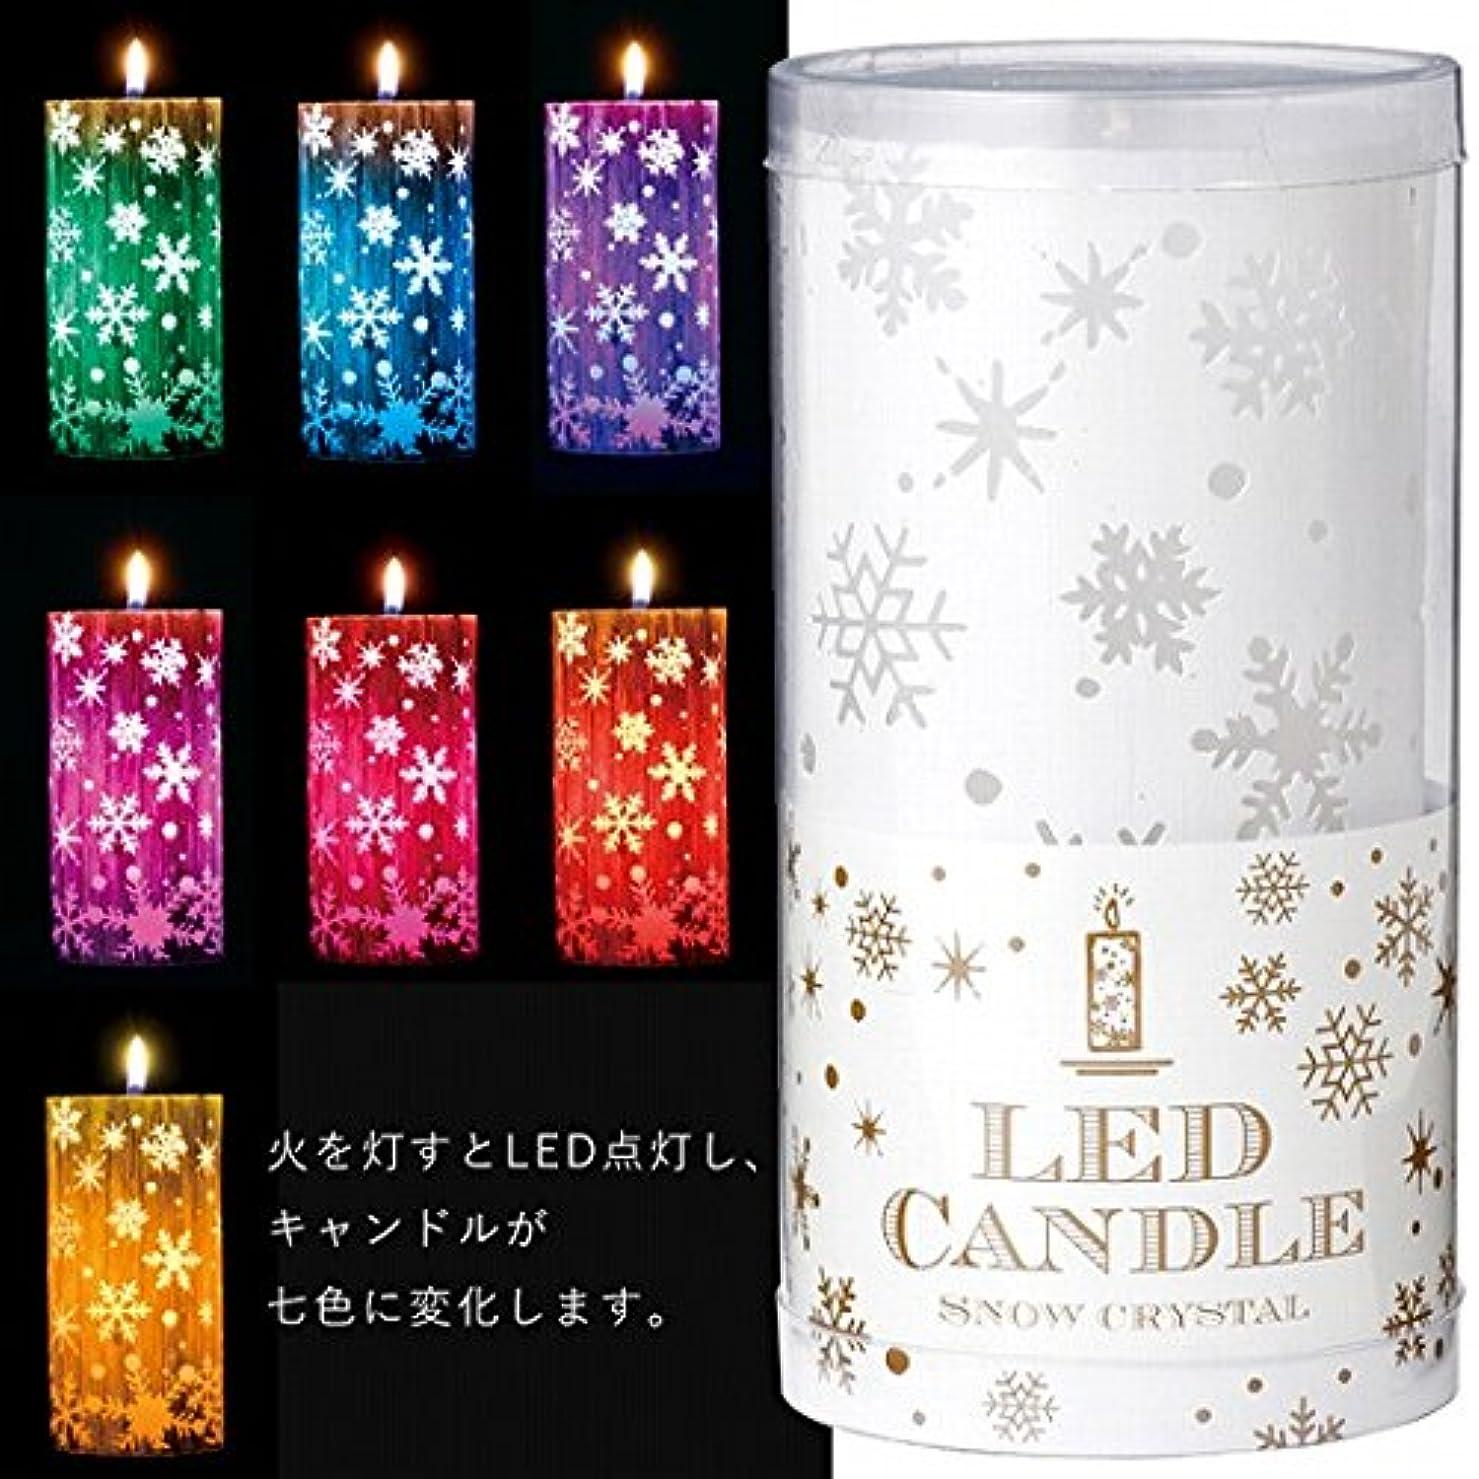 メロディーいいね大宇宙カメヤマキャンドル(kameyama candle) LEDキャンドル 「 スノークリスタル 」